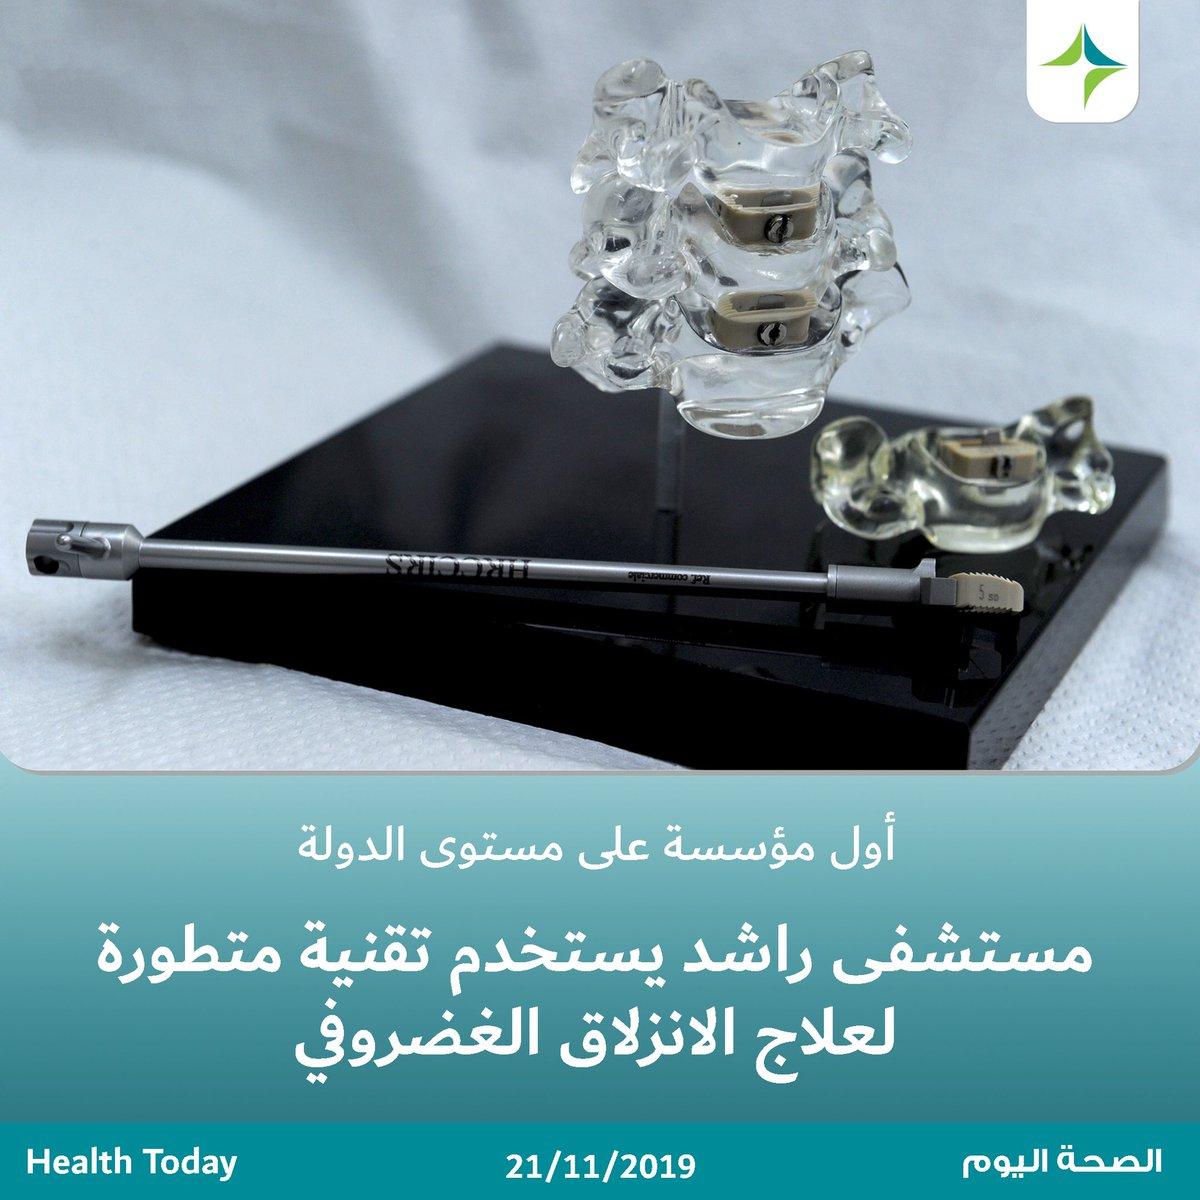 #مستشفى_راشد يبدأ بإستخدام تقنية متطورة لعلاج وإزالة آلام الغضروف العنقي بخطوة جراحية واحدة لتكون #صحة_دبي أول مؤسسة صحية على مستوى #الإمارات تستخدم هذه التقنية التي حققت نجاحا كبيرا في علاج عشرات الحالات المرضية في المستشفى دون أية مضاعفات سلبية. #DHAupdates